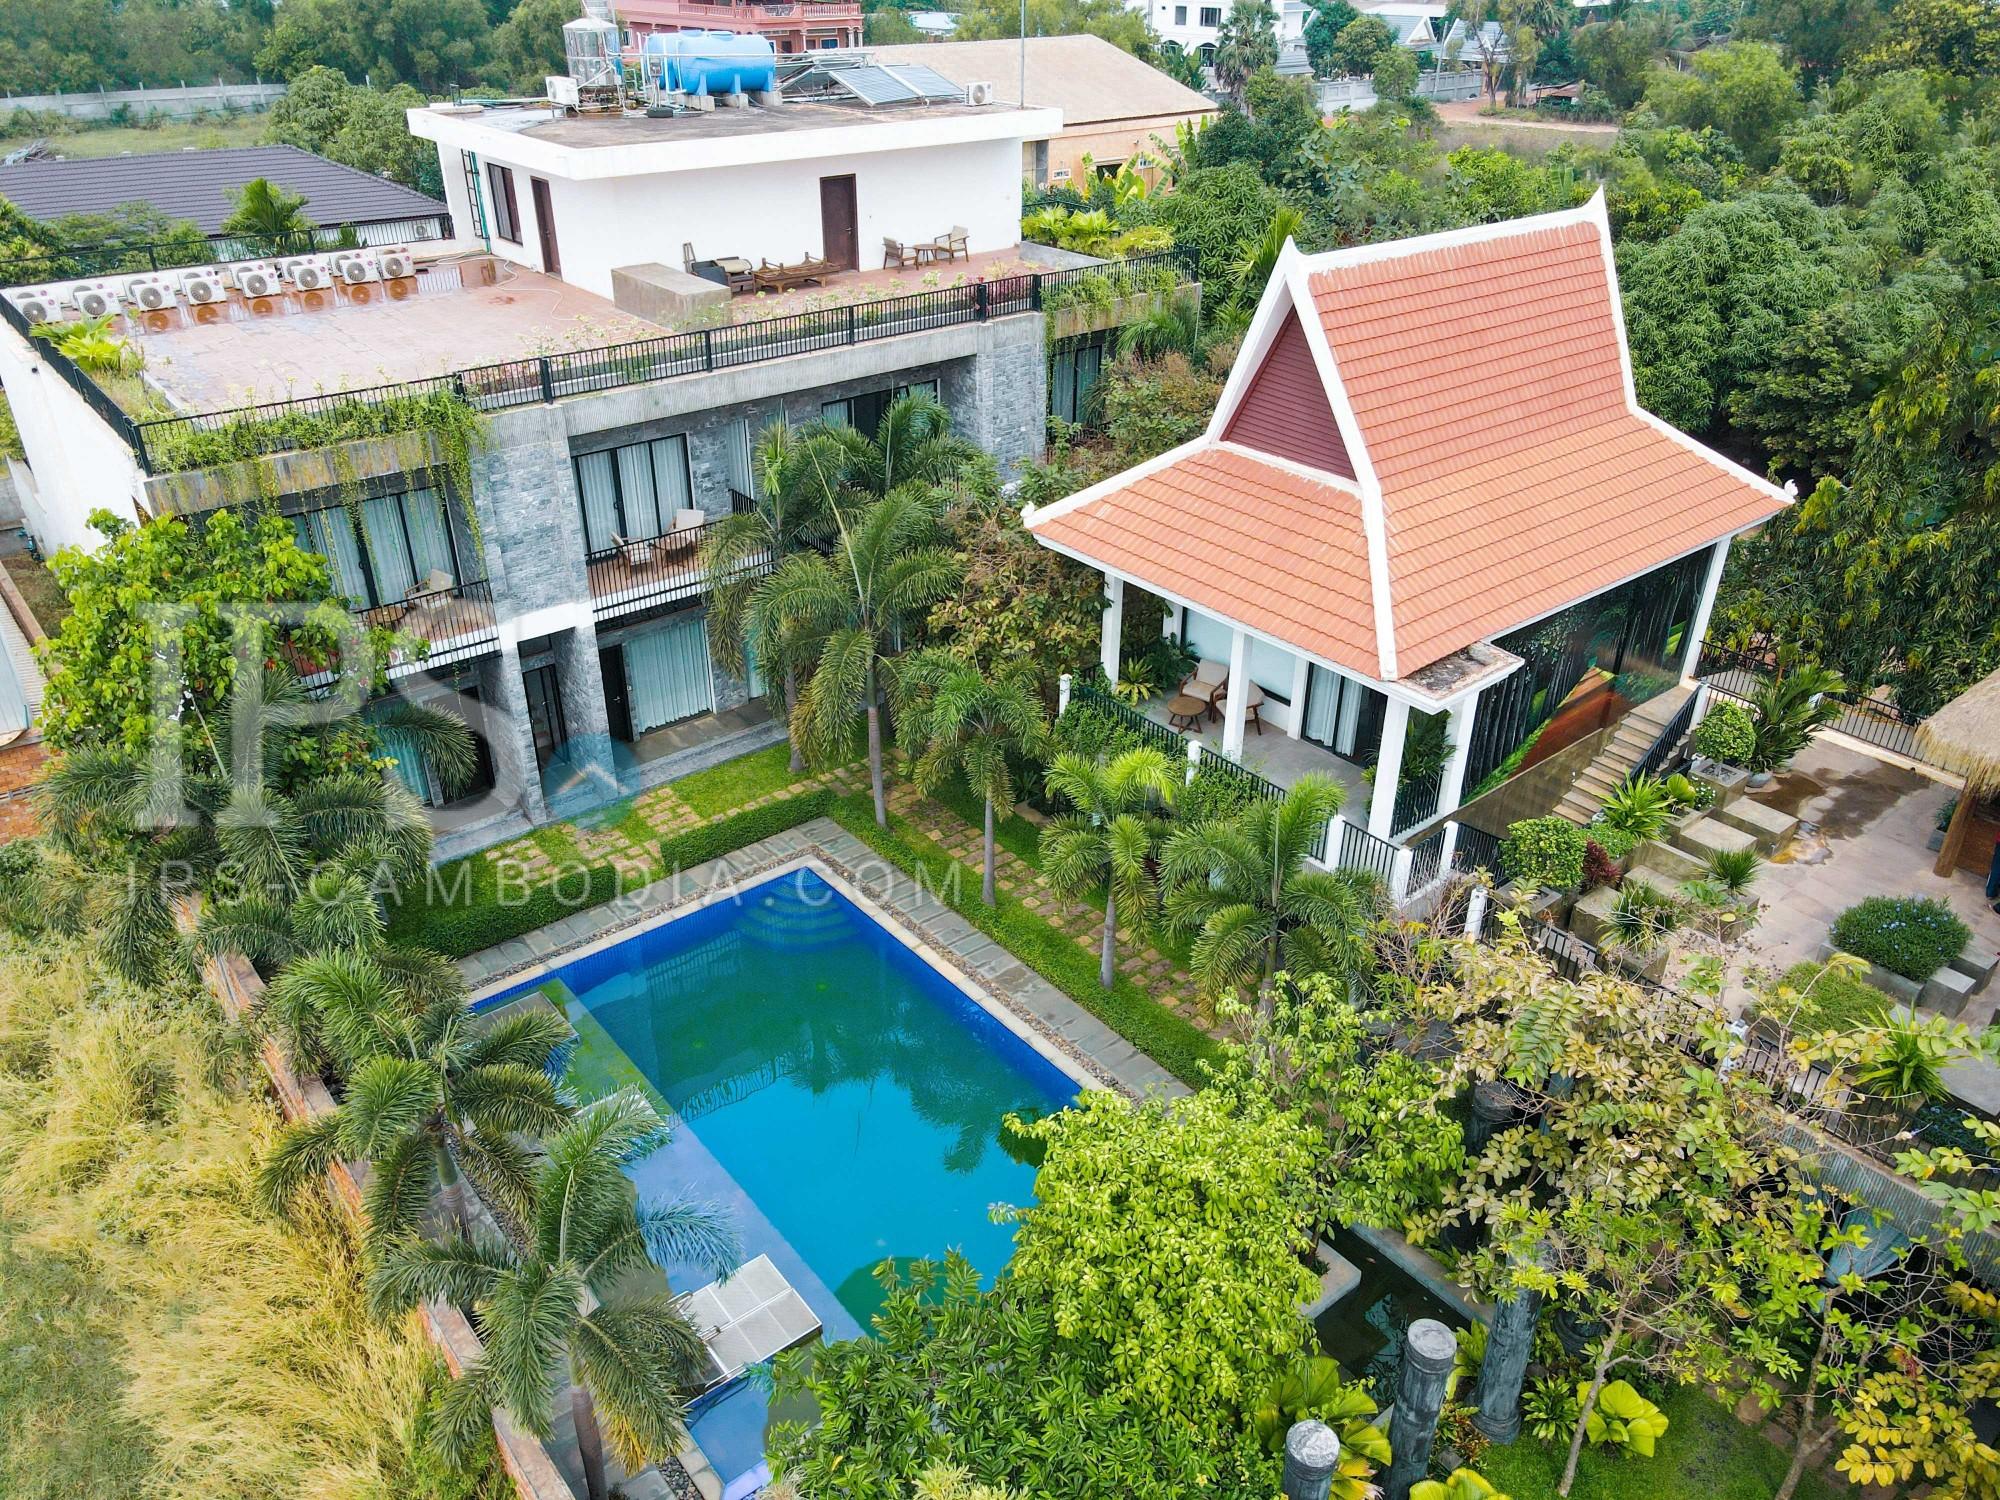 10 Bedroom Hotel For Sale - Chreav, Siem Reap